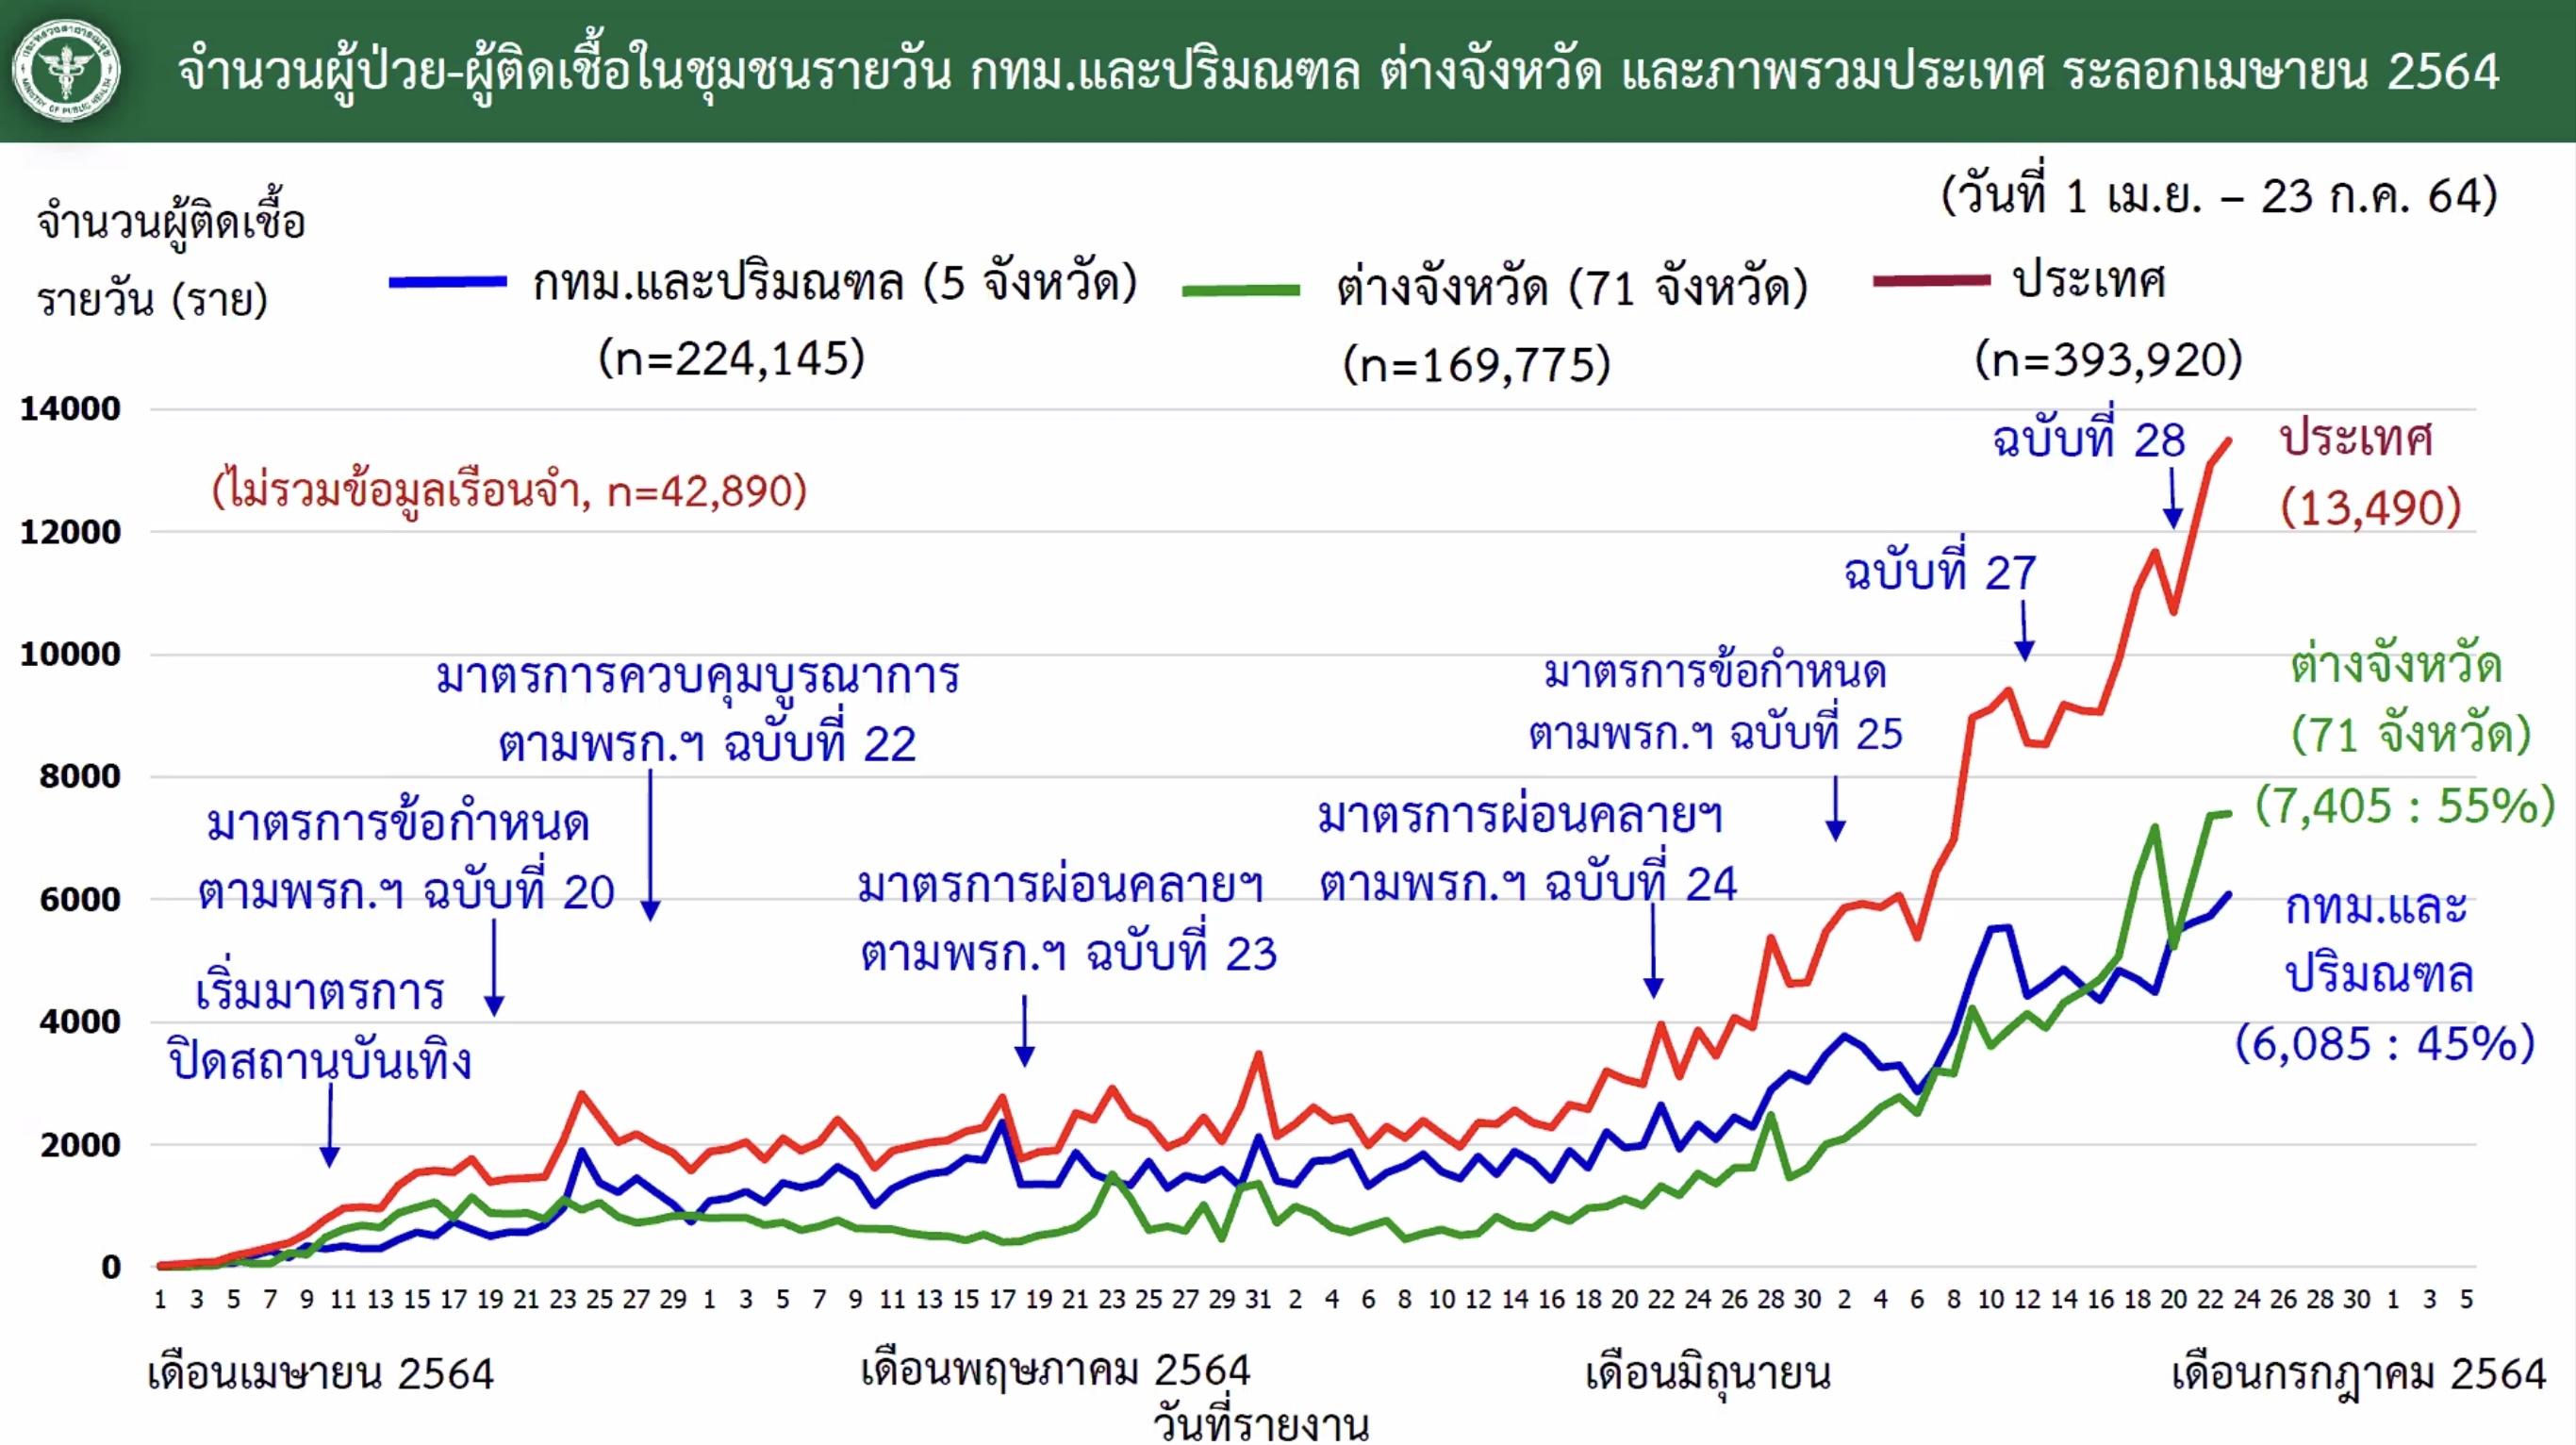 www.thaiguide.dk/images/forum/covid19/smitte%20bkk%20resten%20af%20landet%20kurve%2023-07-21.jpeg